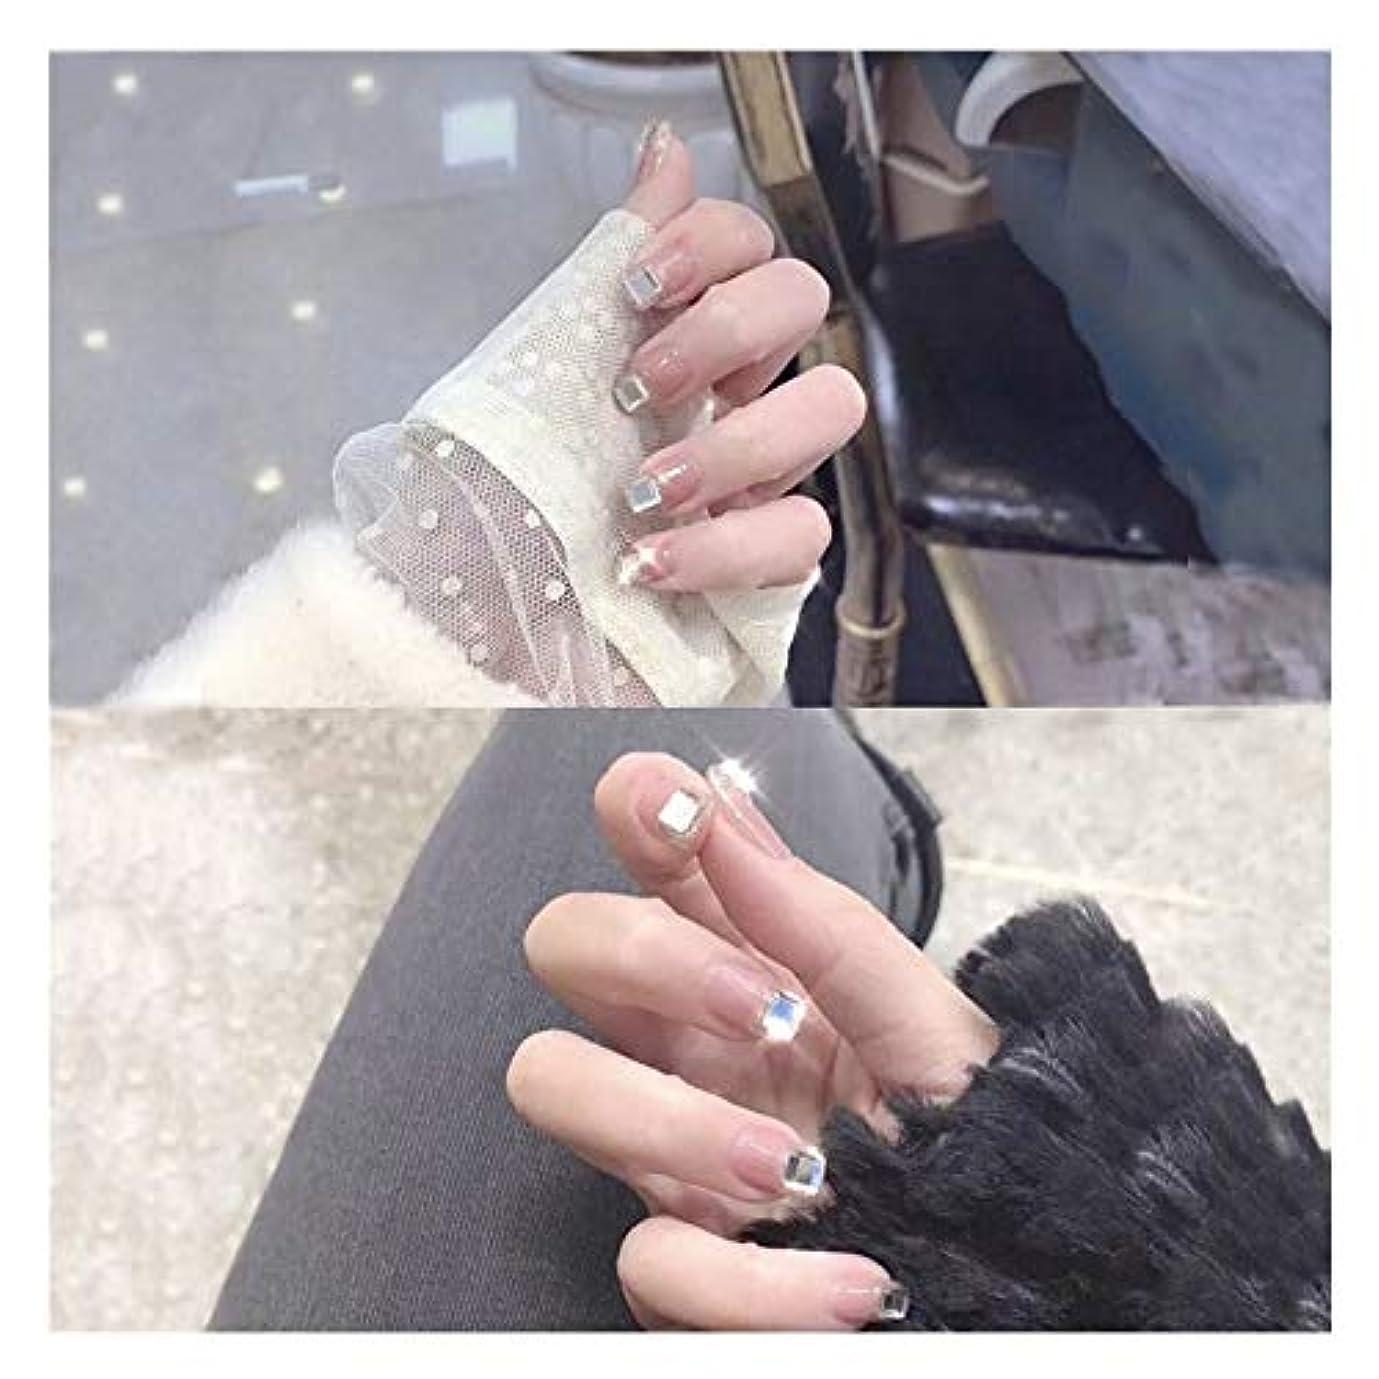 懐疑論同意する健康的BOBIDYEE スクエアラインストーン接着剤偽の釘を持つ長方形ネイルズヌードピンクのかわいいファッションジュエリー仕上げネイル偽の釘 (色 : 24 pieces)